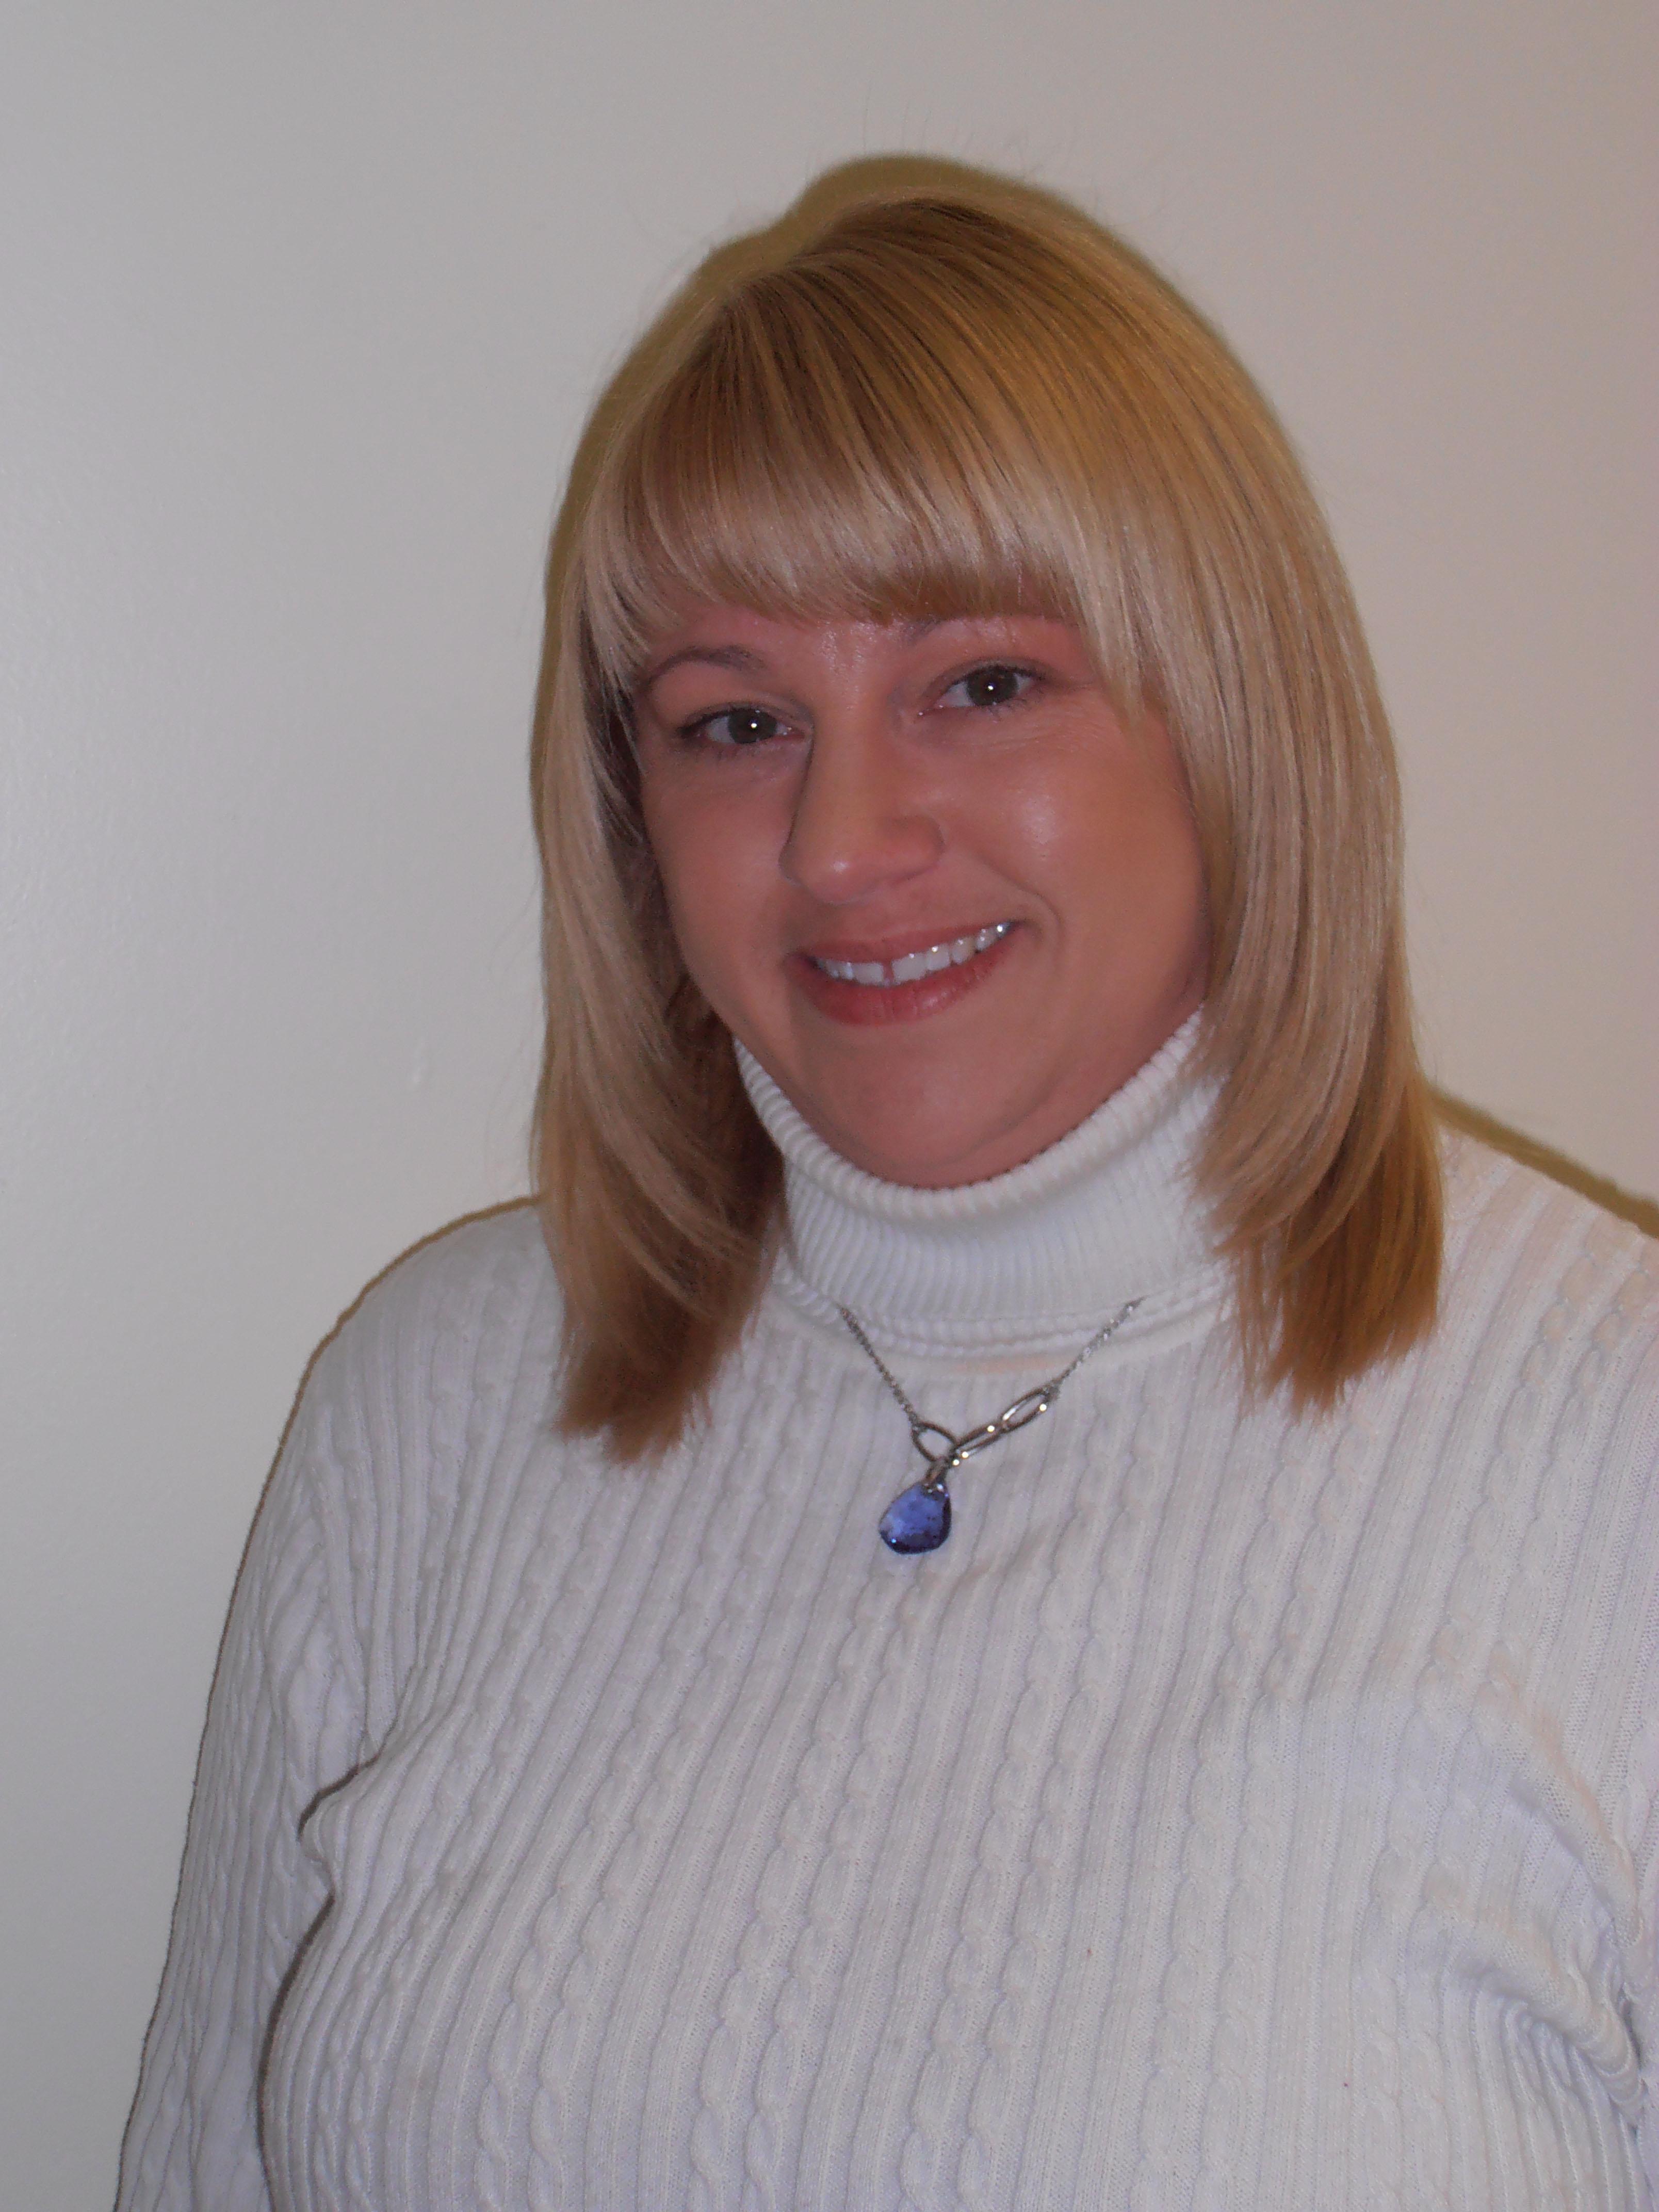 Corinne Martell